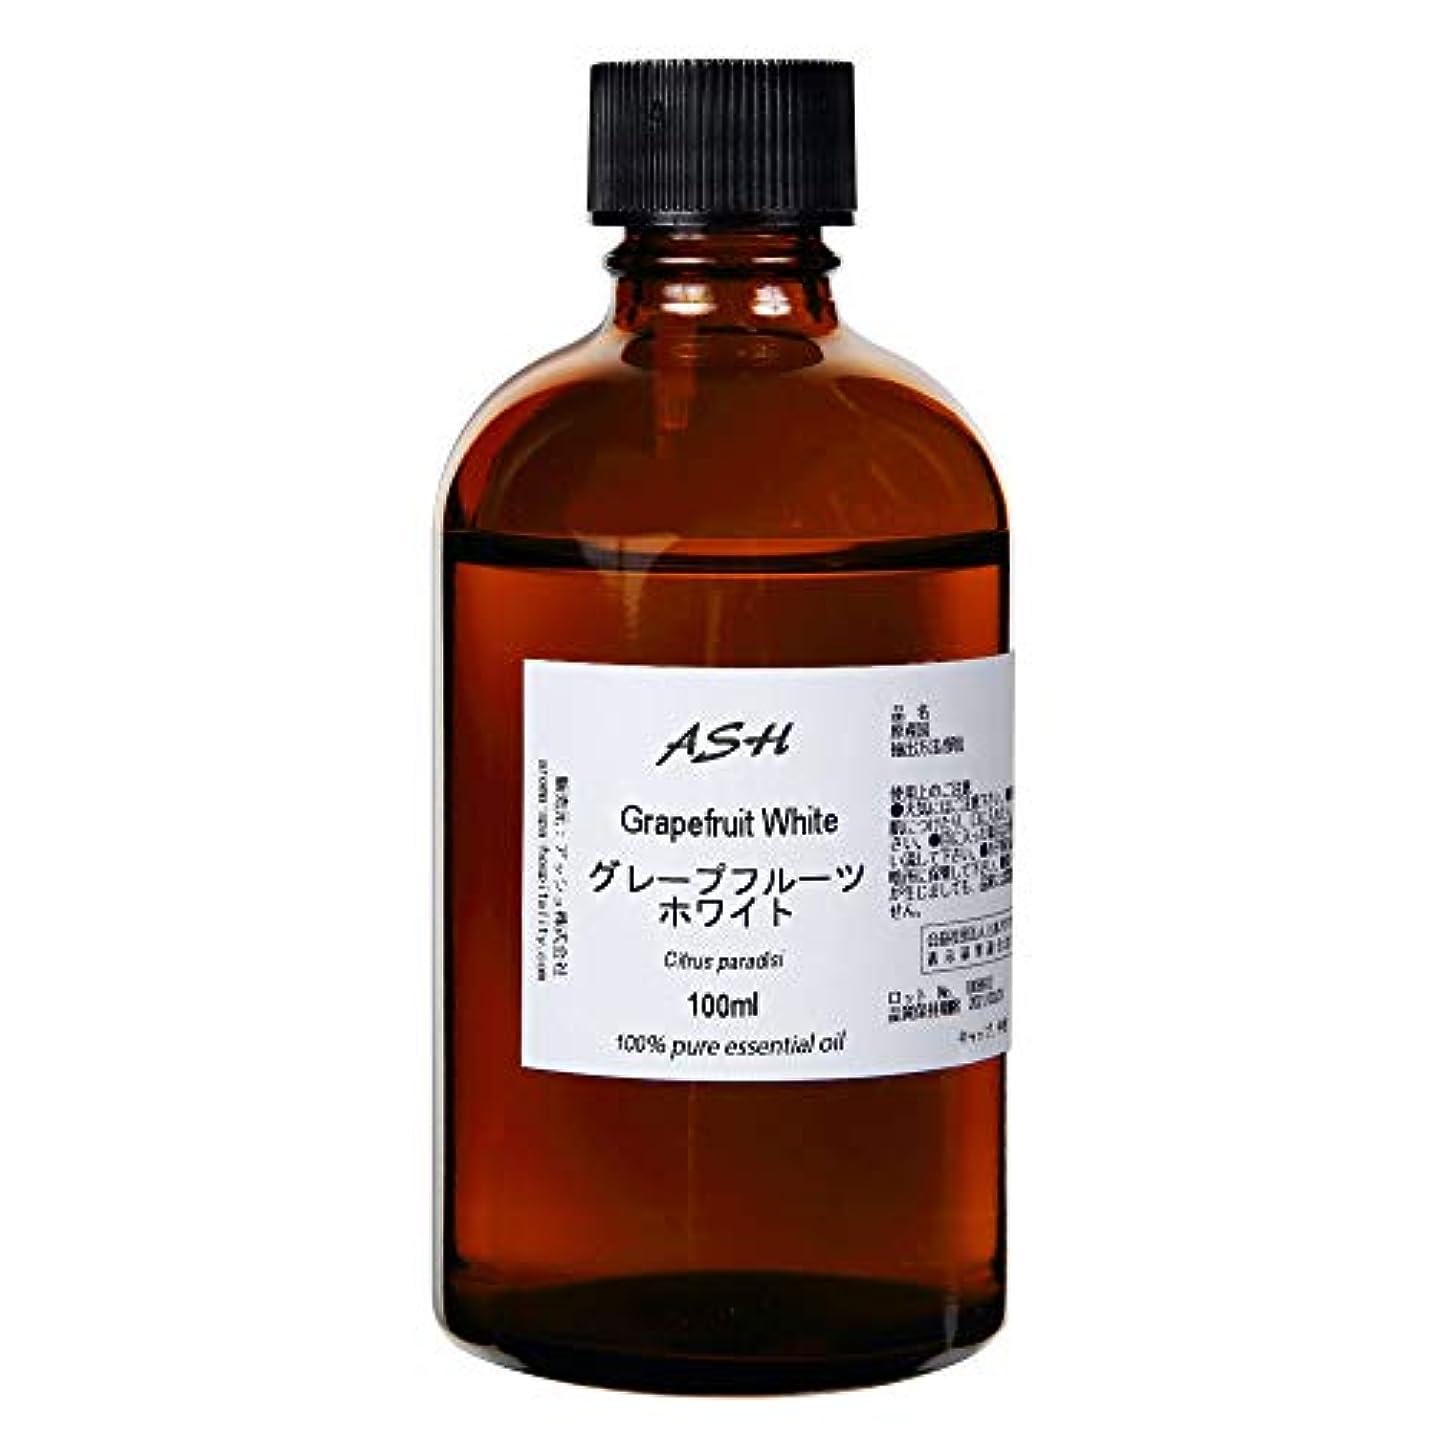 マトロン日付付き長椅子ASH グレープフルーツホワイト エッセンシャルオイル 100ml AEAJ表示基準適合認定精油